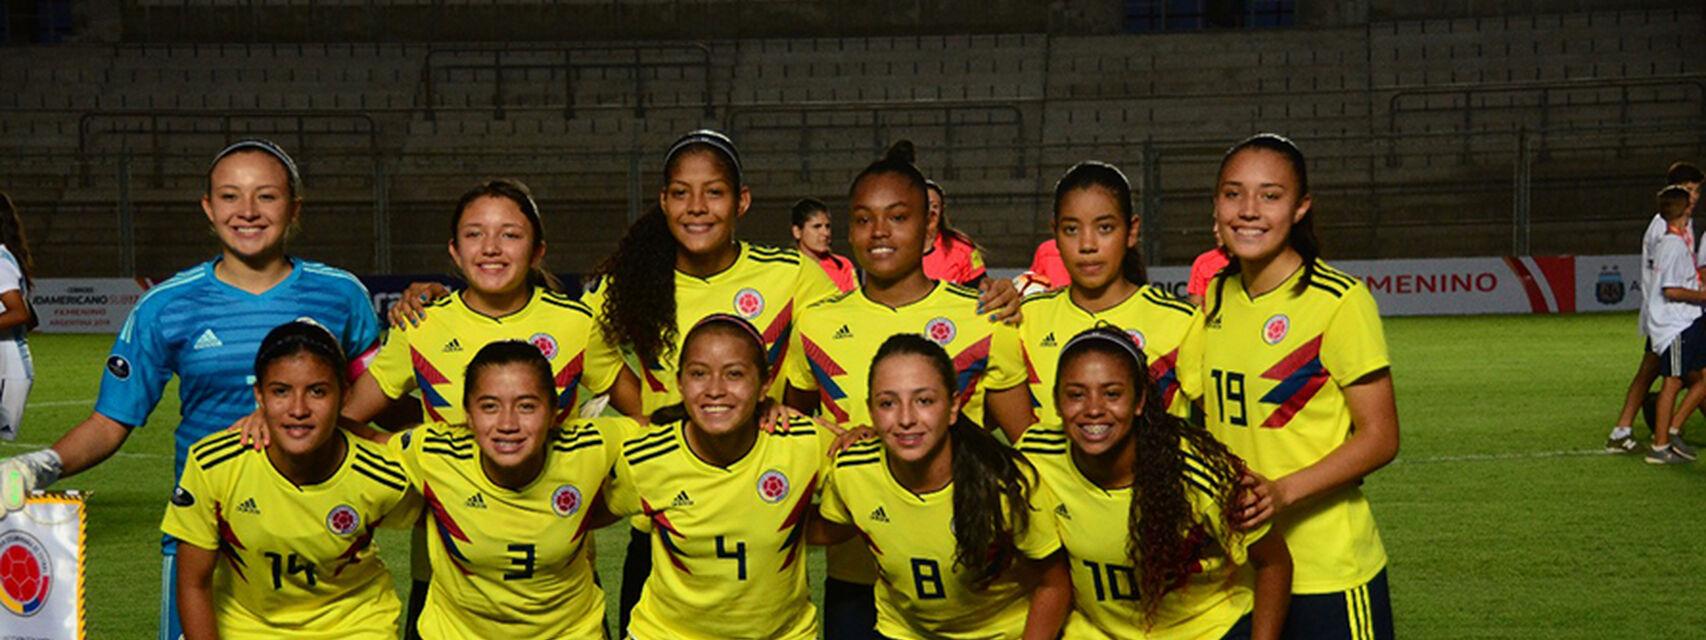 futbol-futbol_femenino-fifa-conmebol-seleccion_de_futbol_de_colombia-futbol_381224036_117192622_1706x640